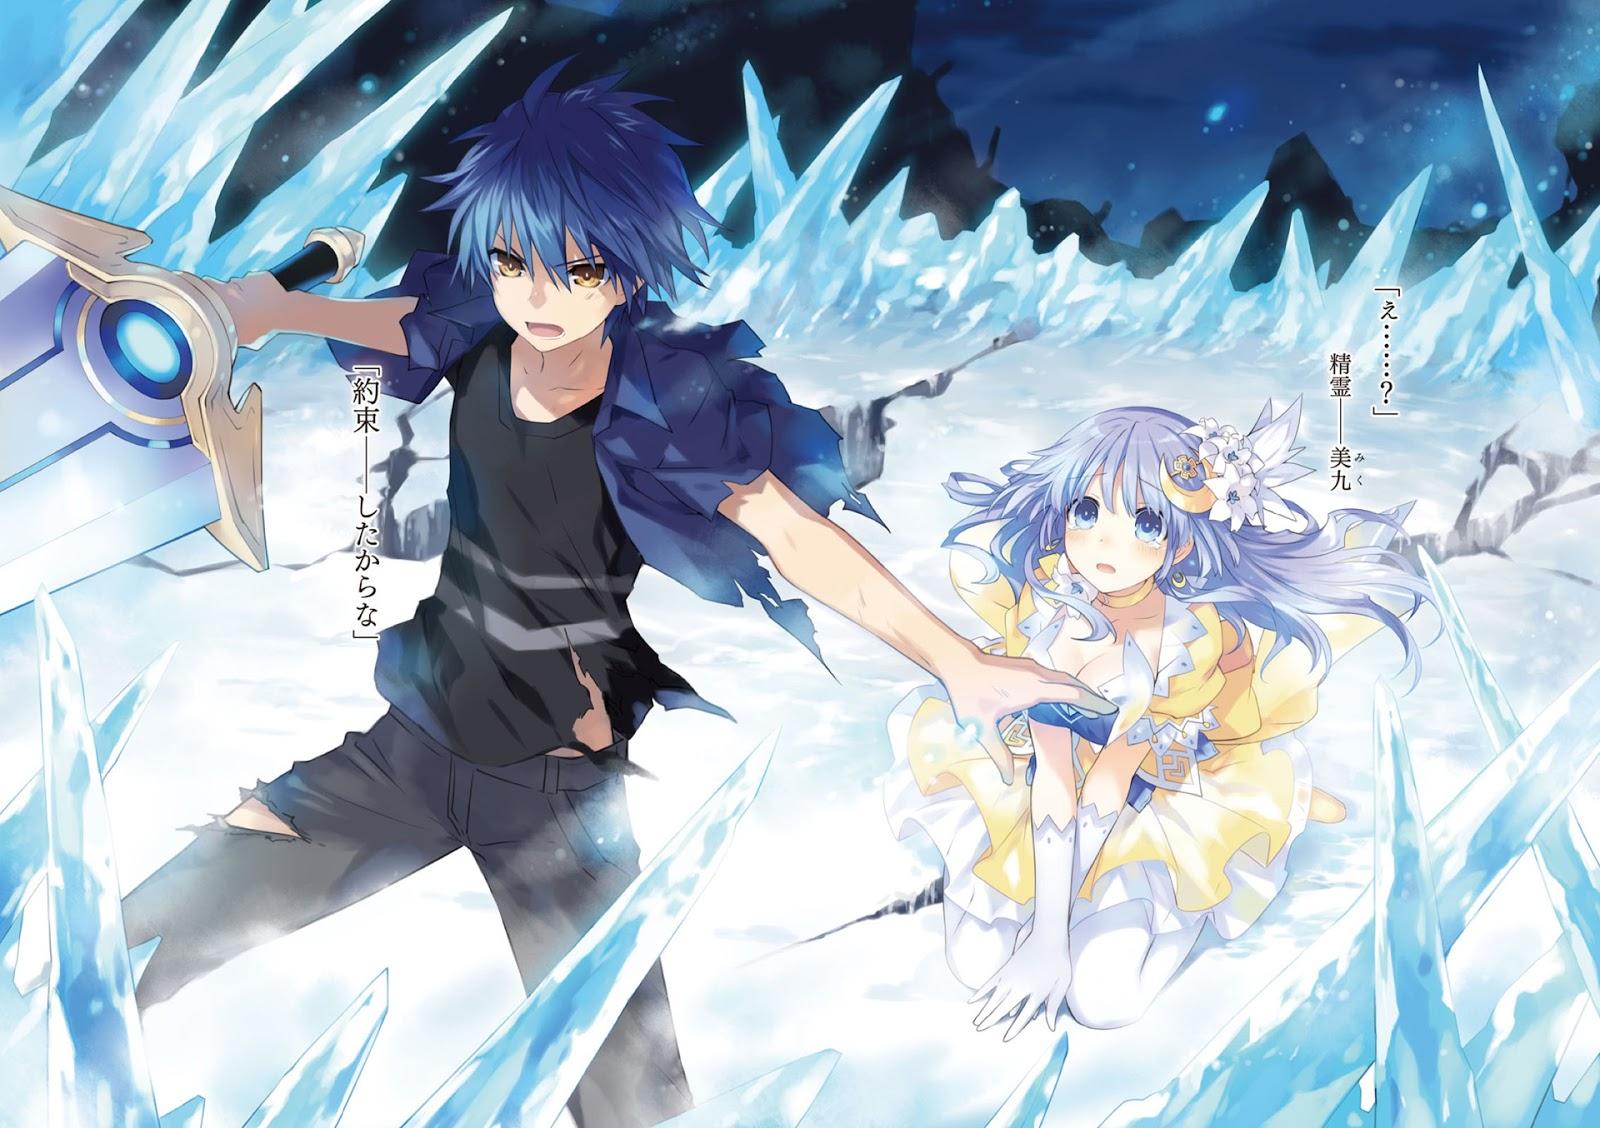 Anime Live Wallpapers - WallpaperSafari